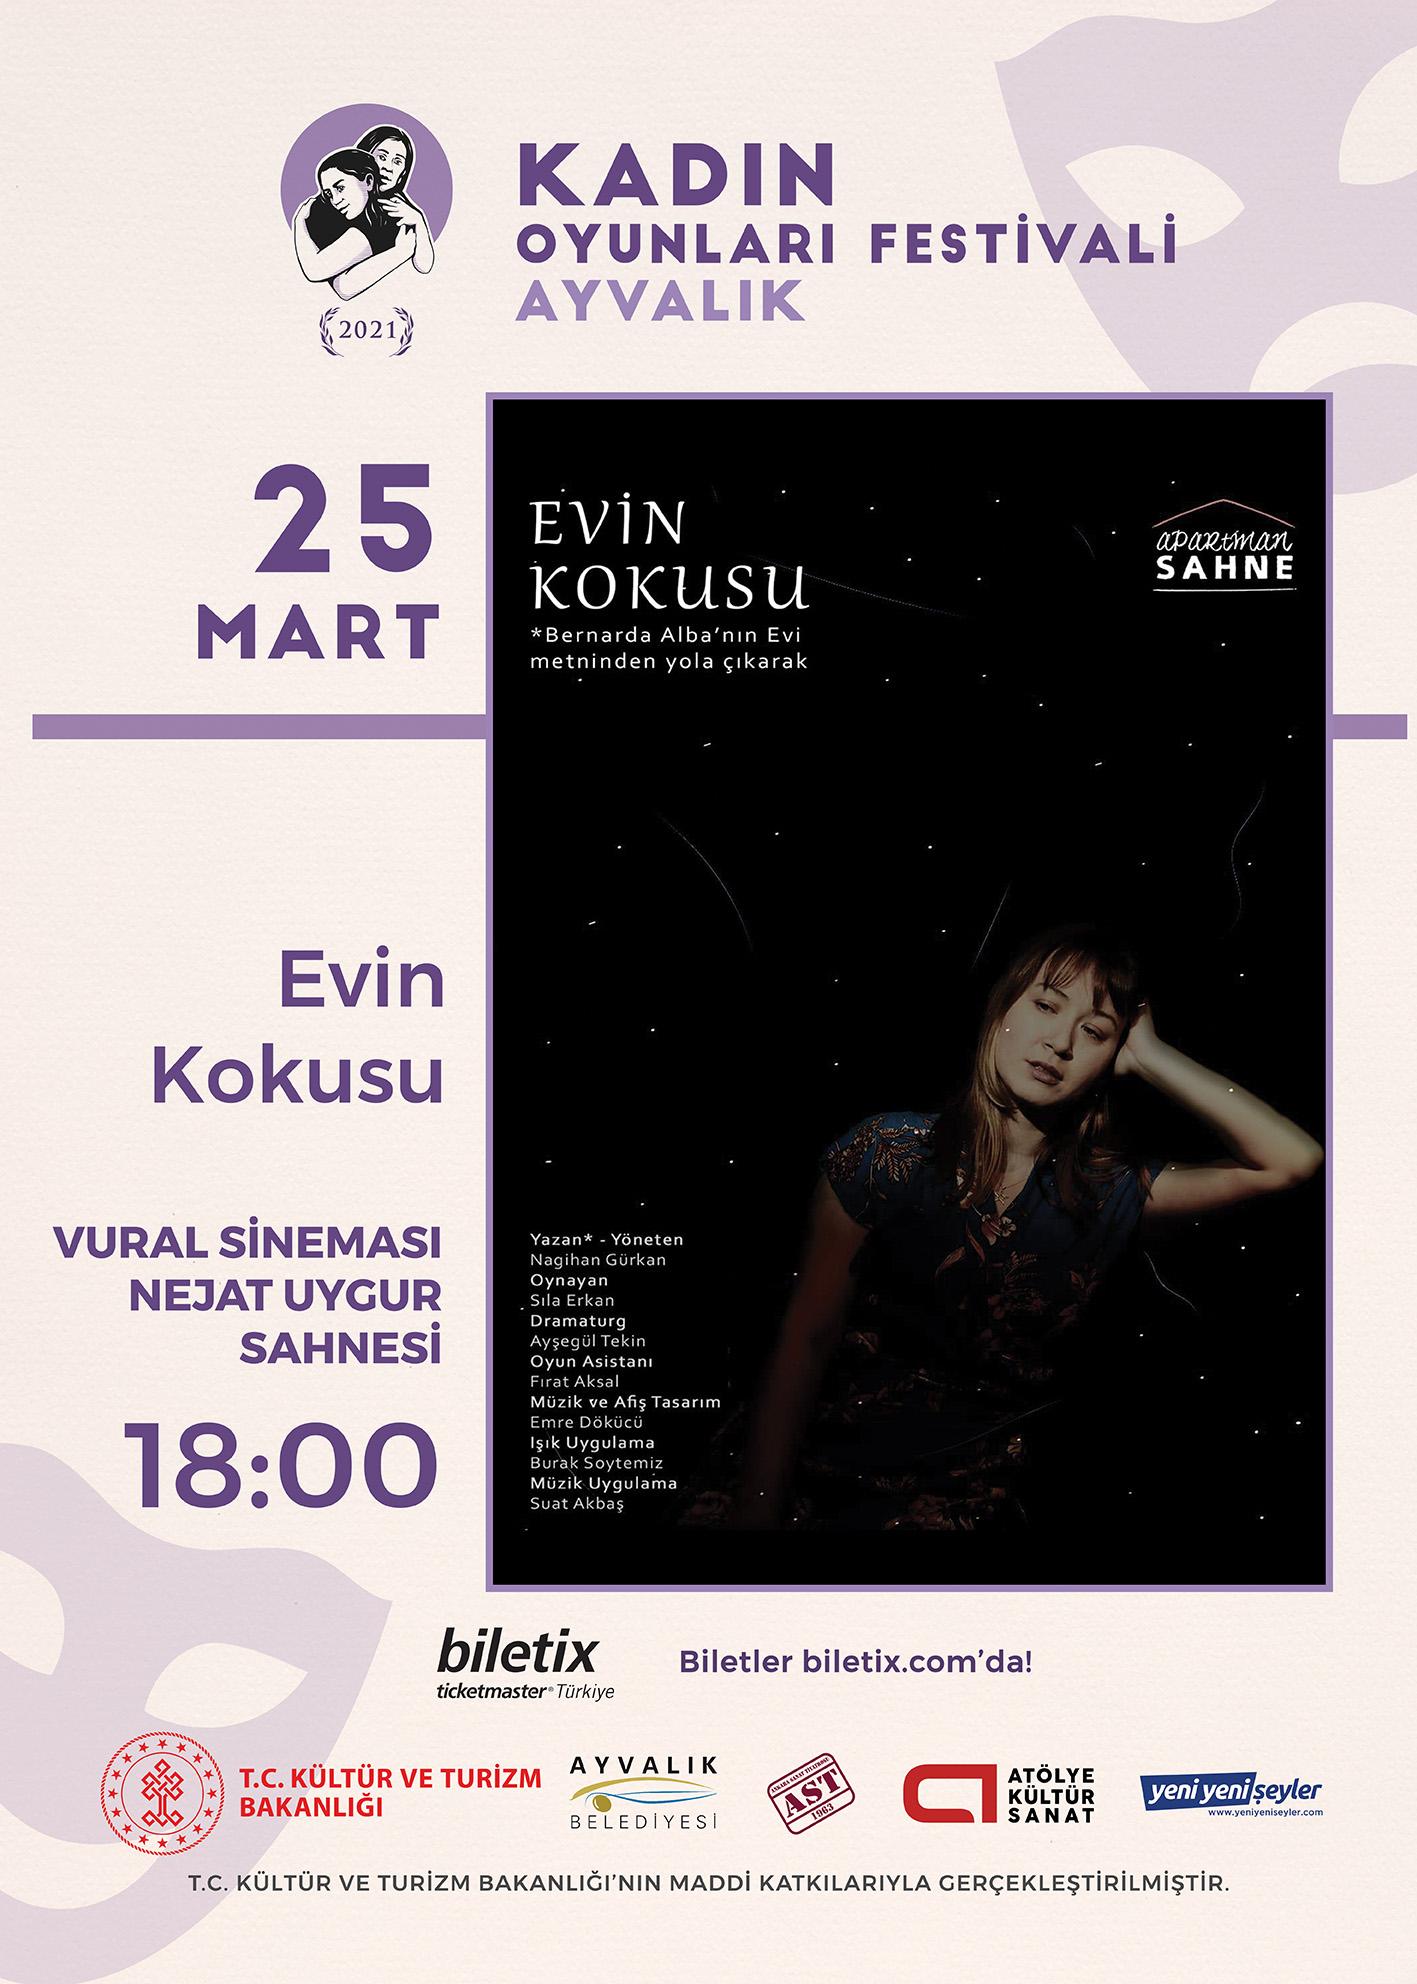 KTB - KOF 2021 Ayvalık - 25 Mart - Evin Kokusu